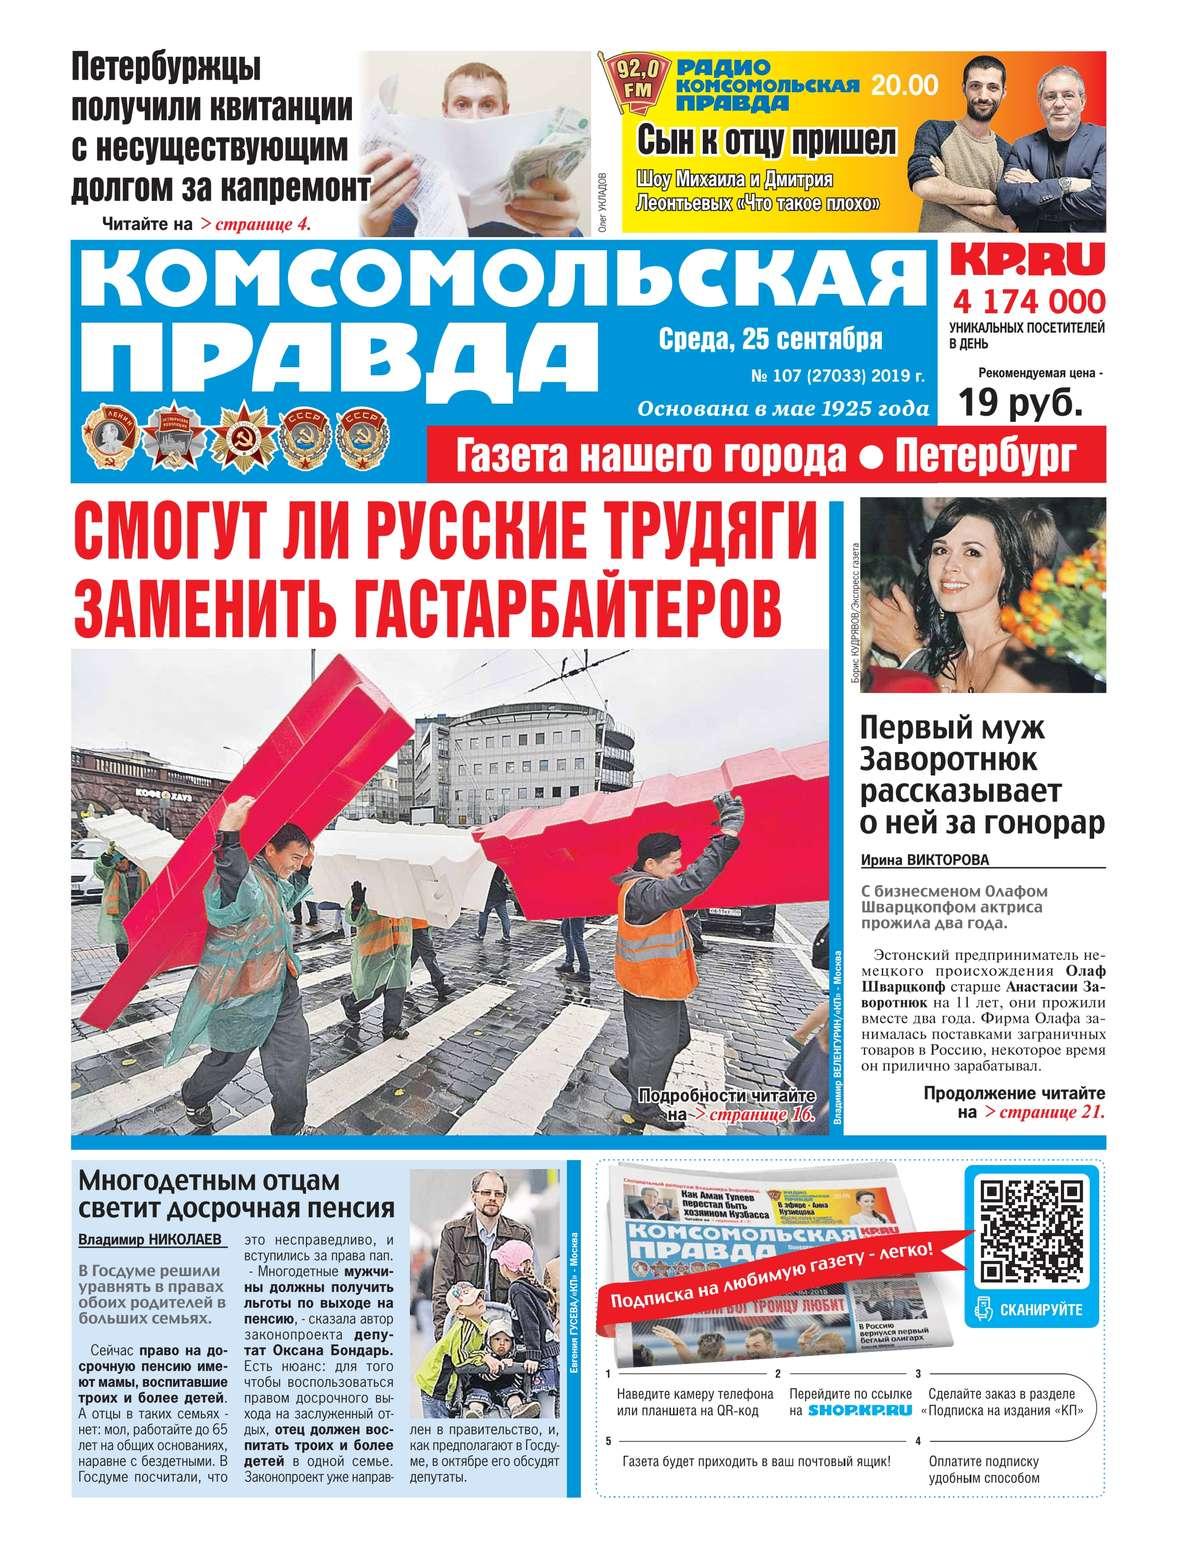 Комсомольская Правда. Санкт-Петербург 107-2019